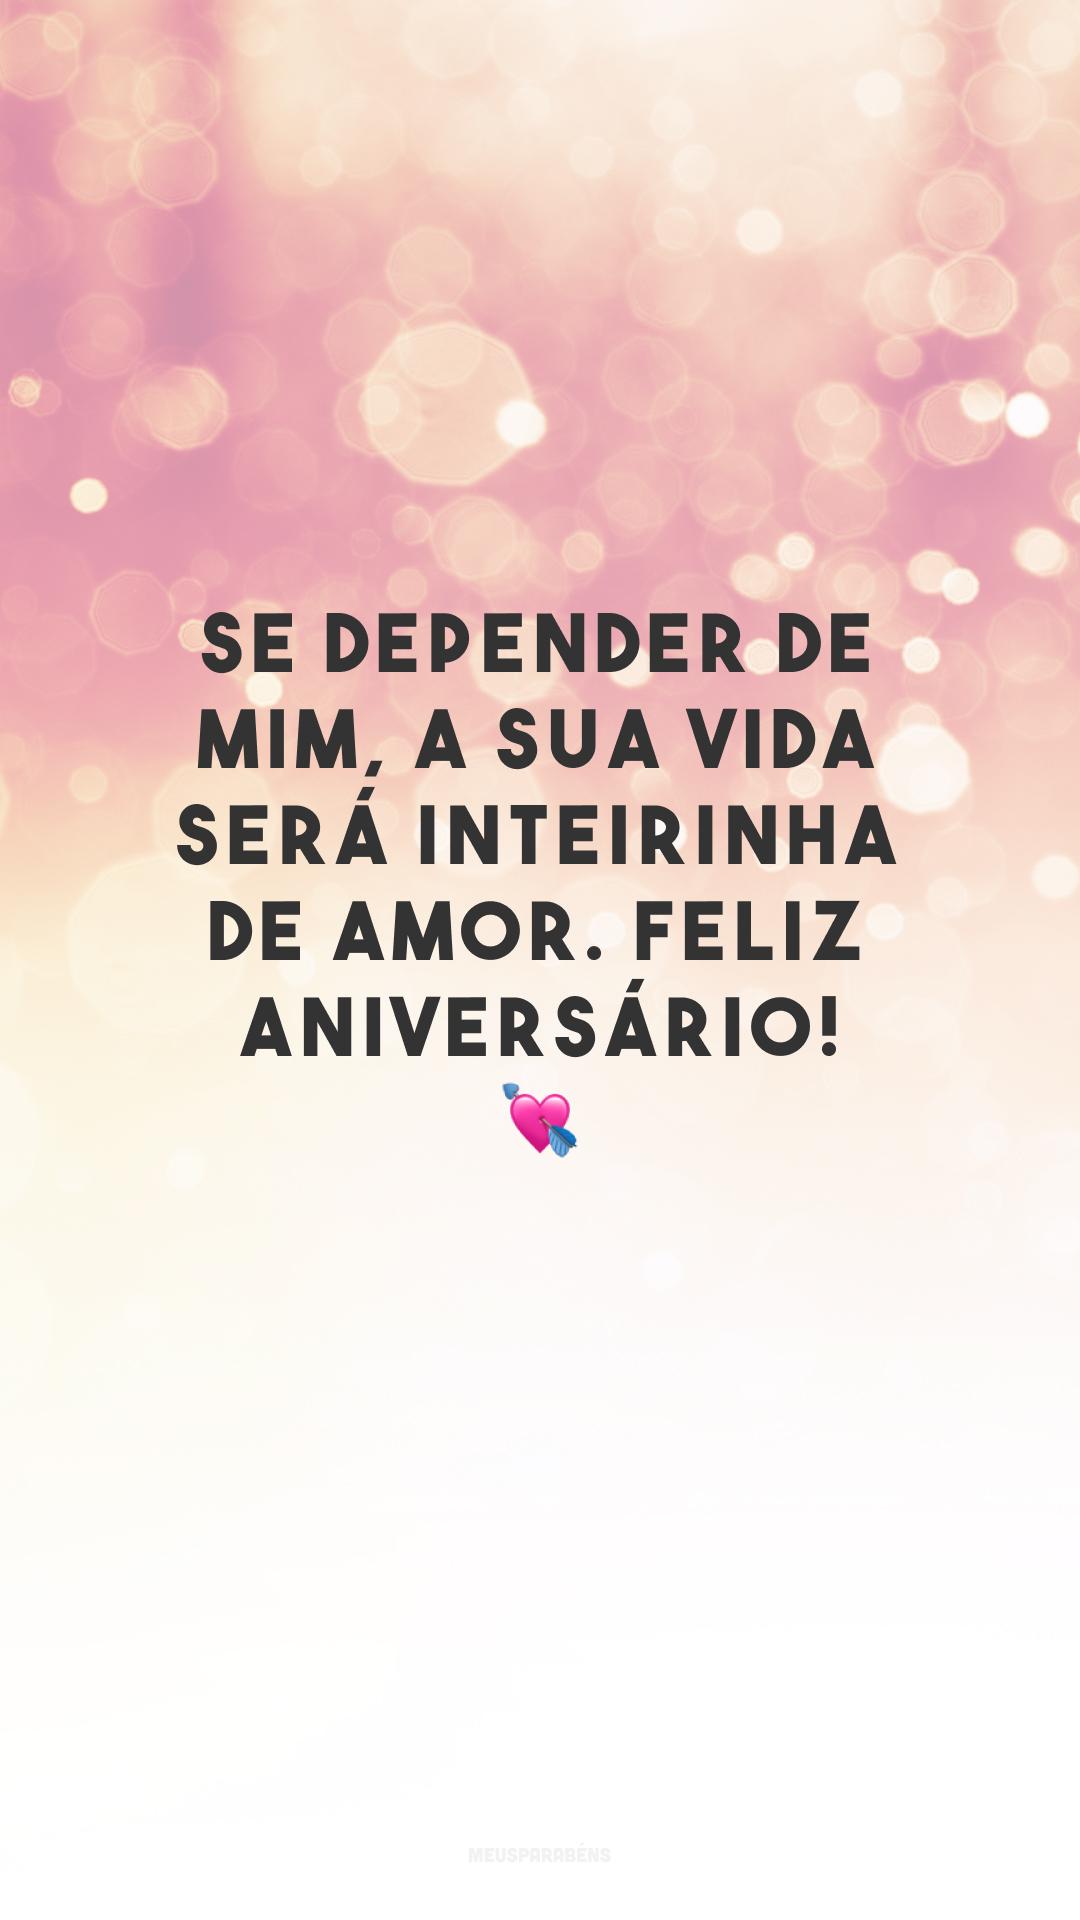 Se depender de mim, a sua vida será inteirinha de amor. Feliz aniversário! 💘